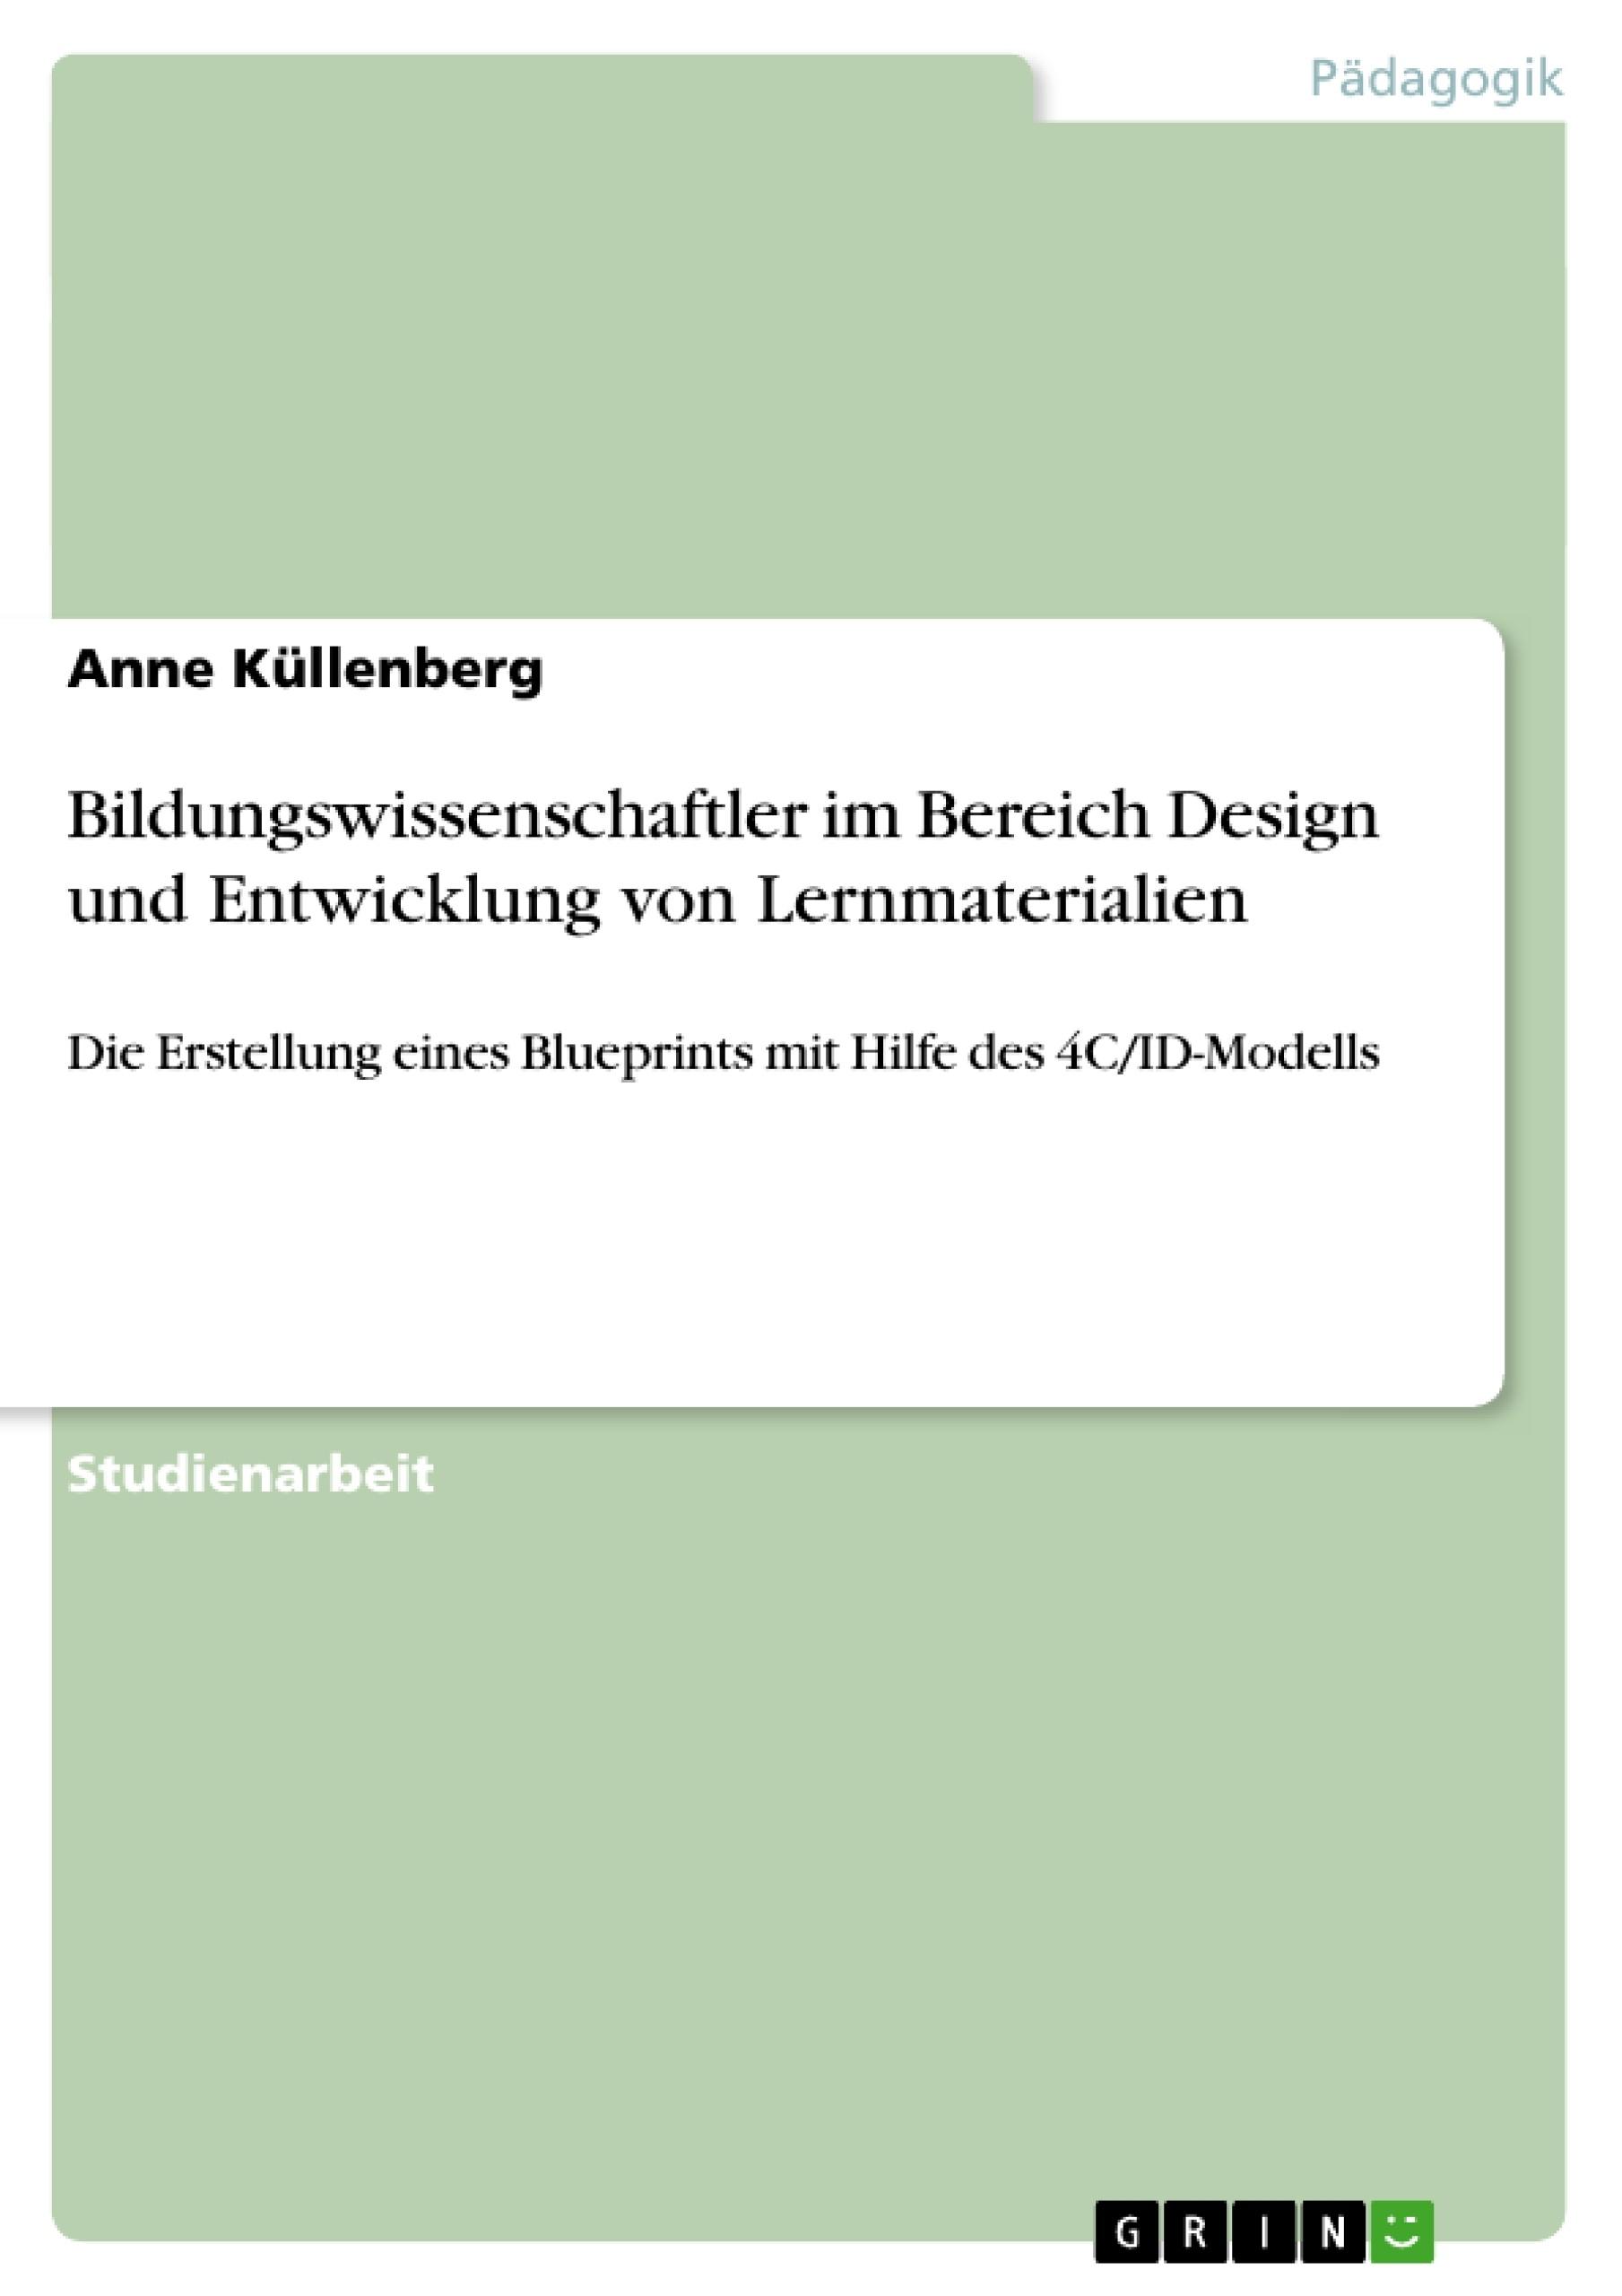 Titel: Bildungswissenschaftler im Bereich Design und Entwicklung von Lernmaterialien